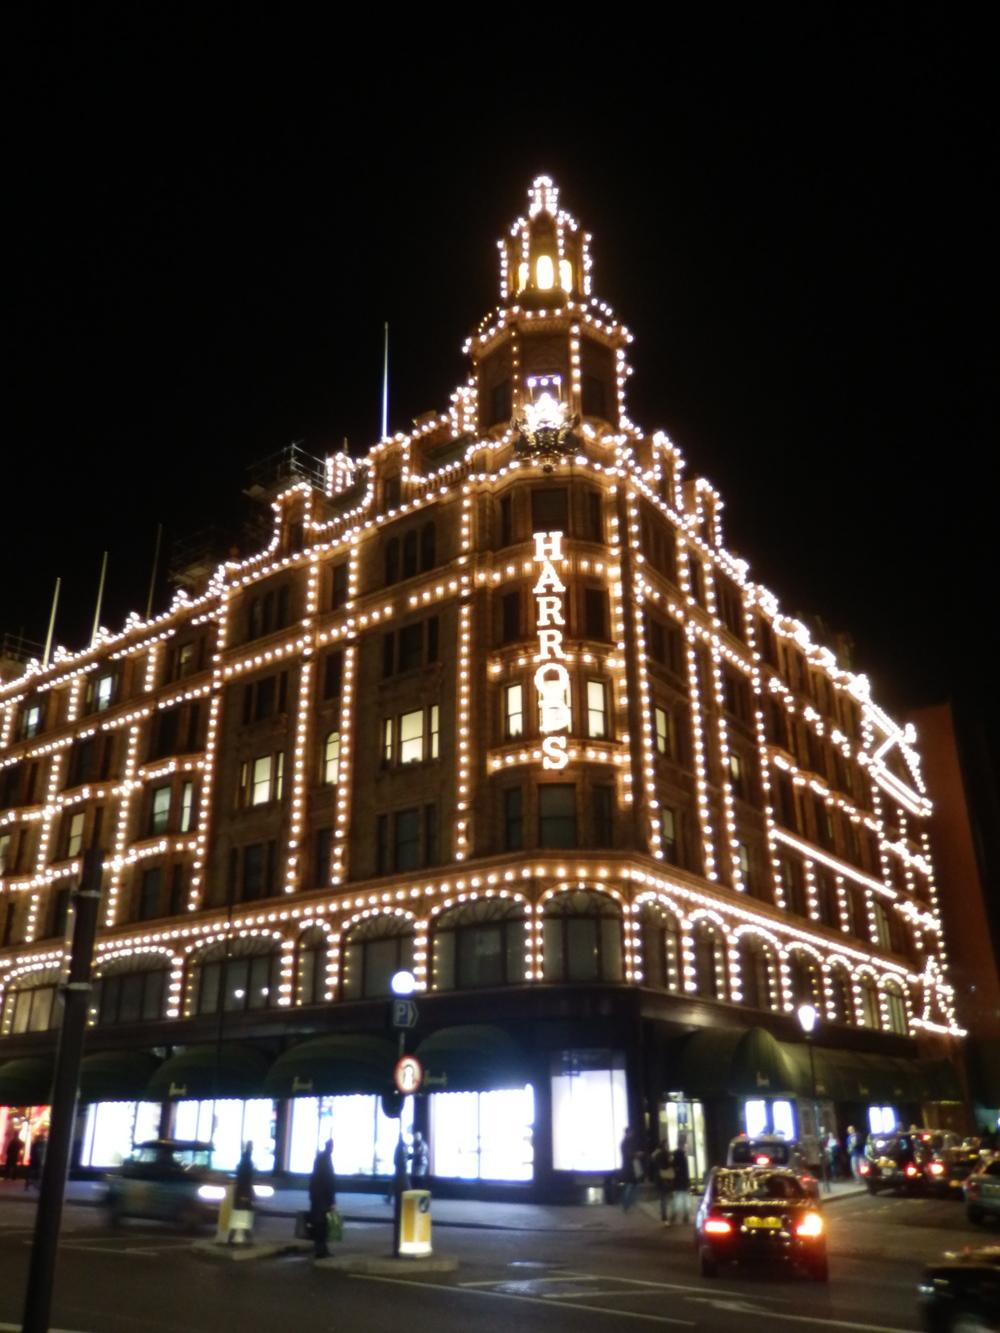 Harrods, London.